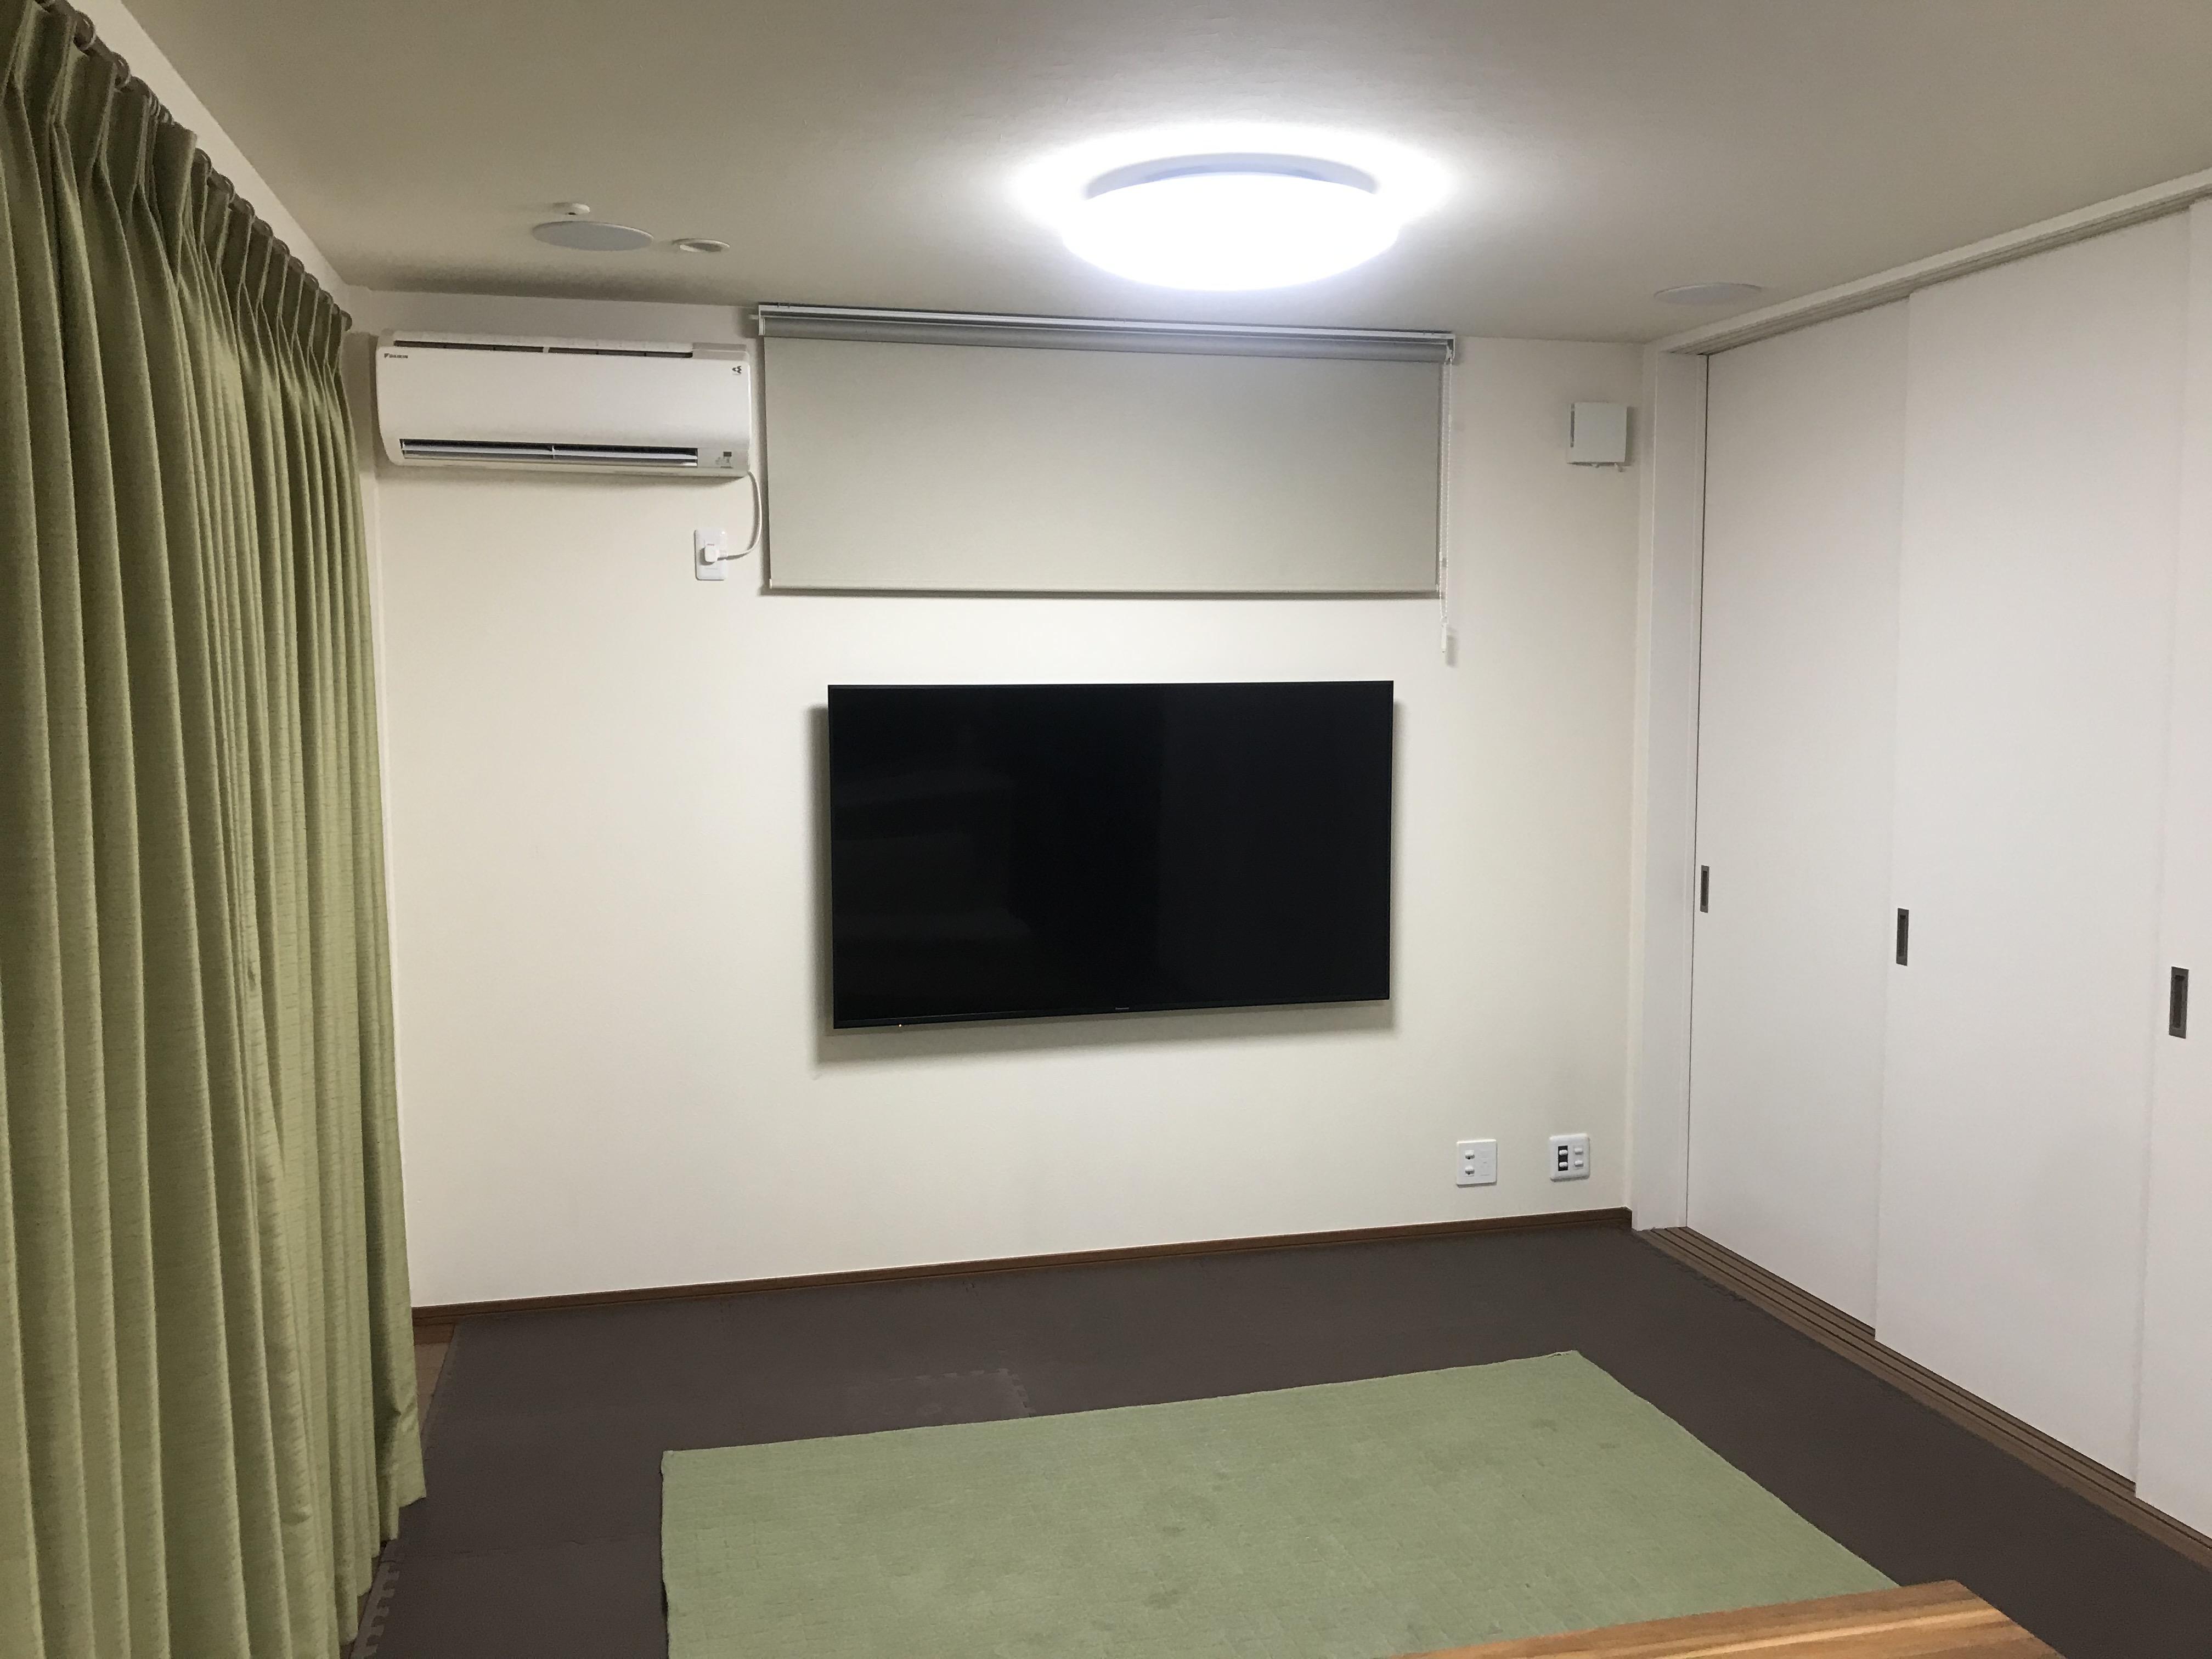 ホームシアター設置